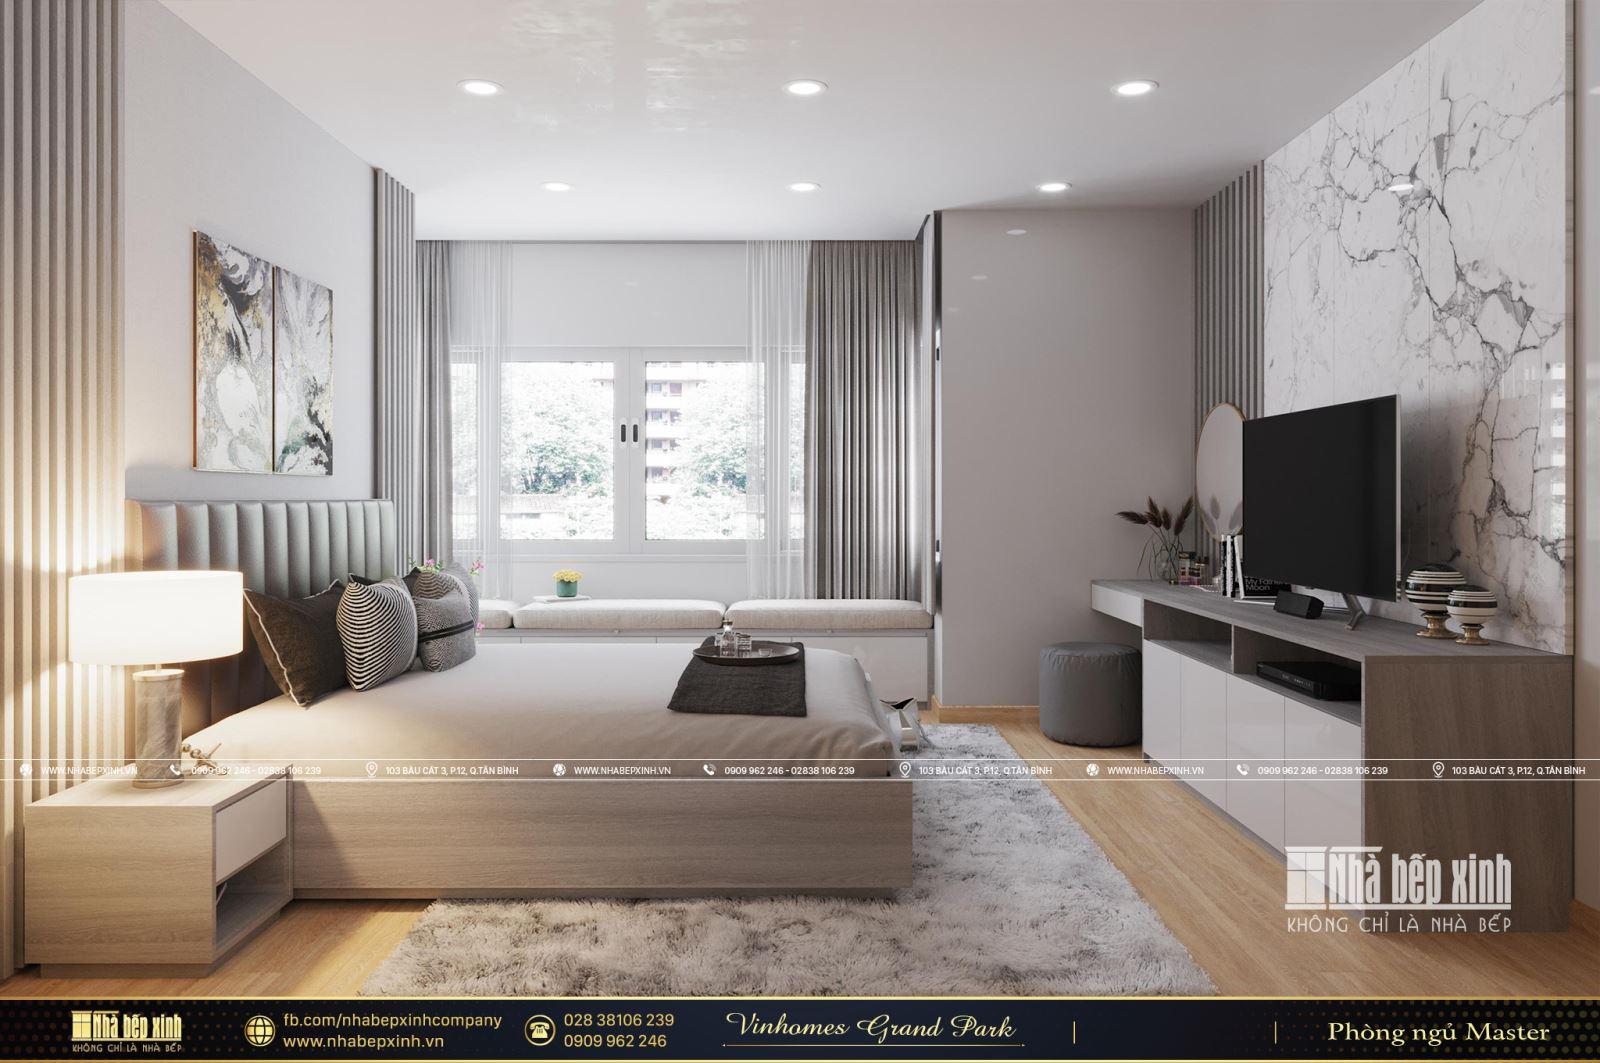 Thiết kế nội thất căn hộ Vinhomes Grand Park The Origami 70m2 - 2 phòng ngủ